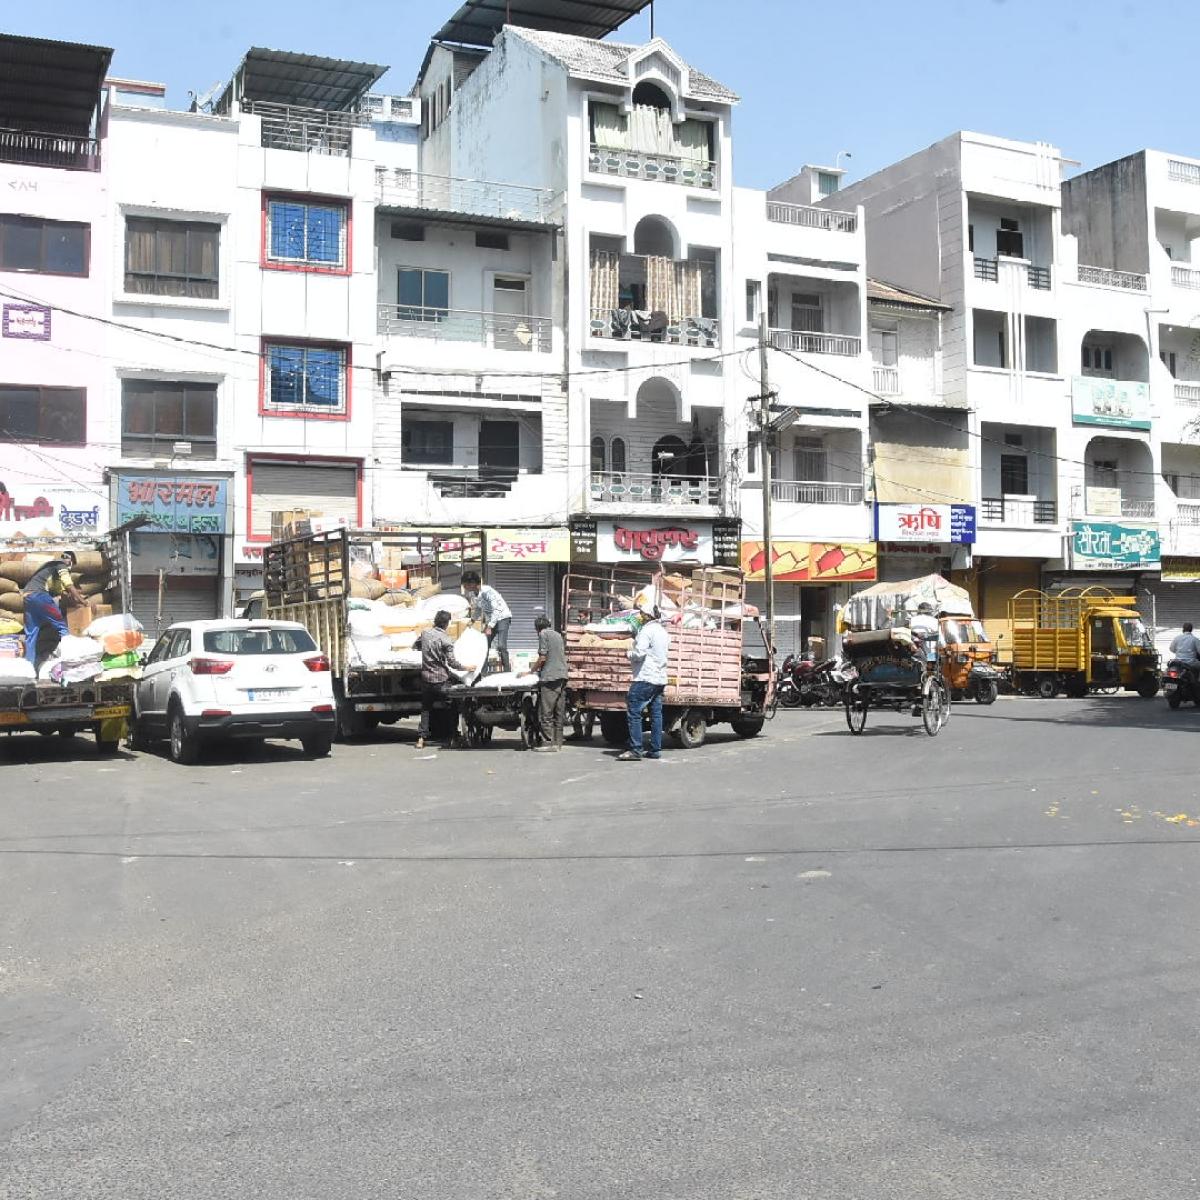 Ujjain records 61 new patients, tally nears 500 mark